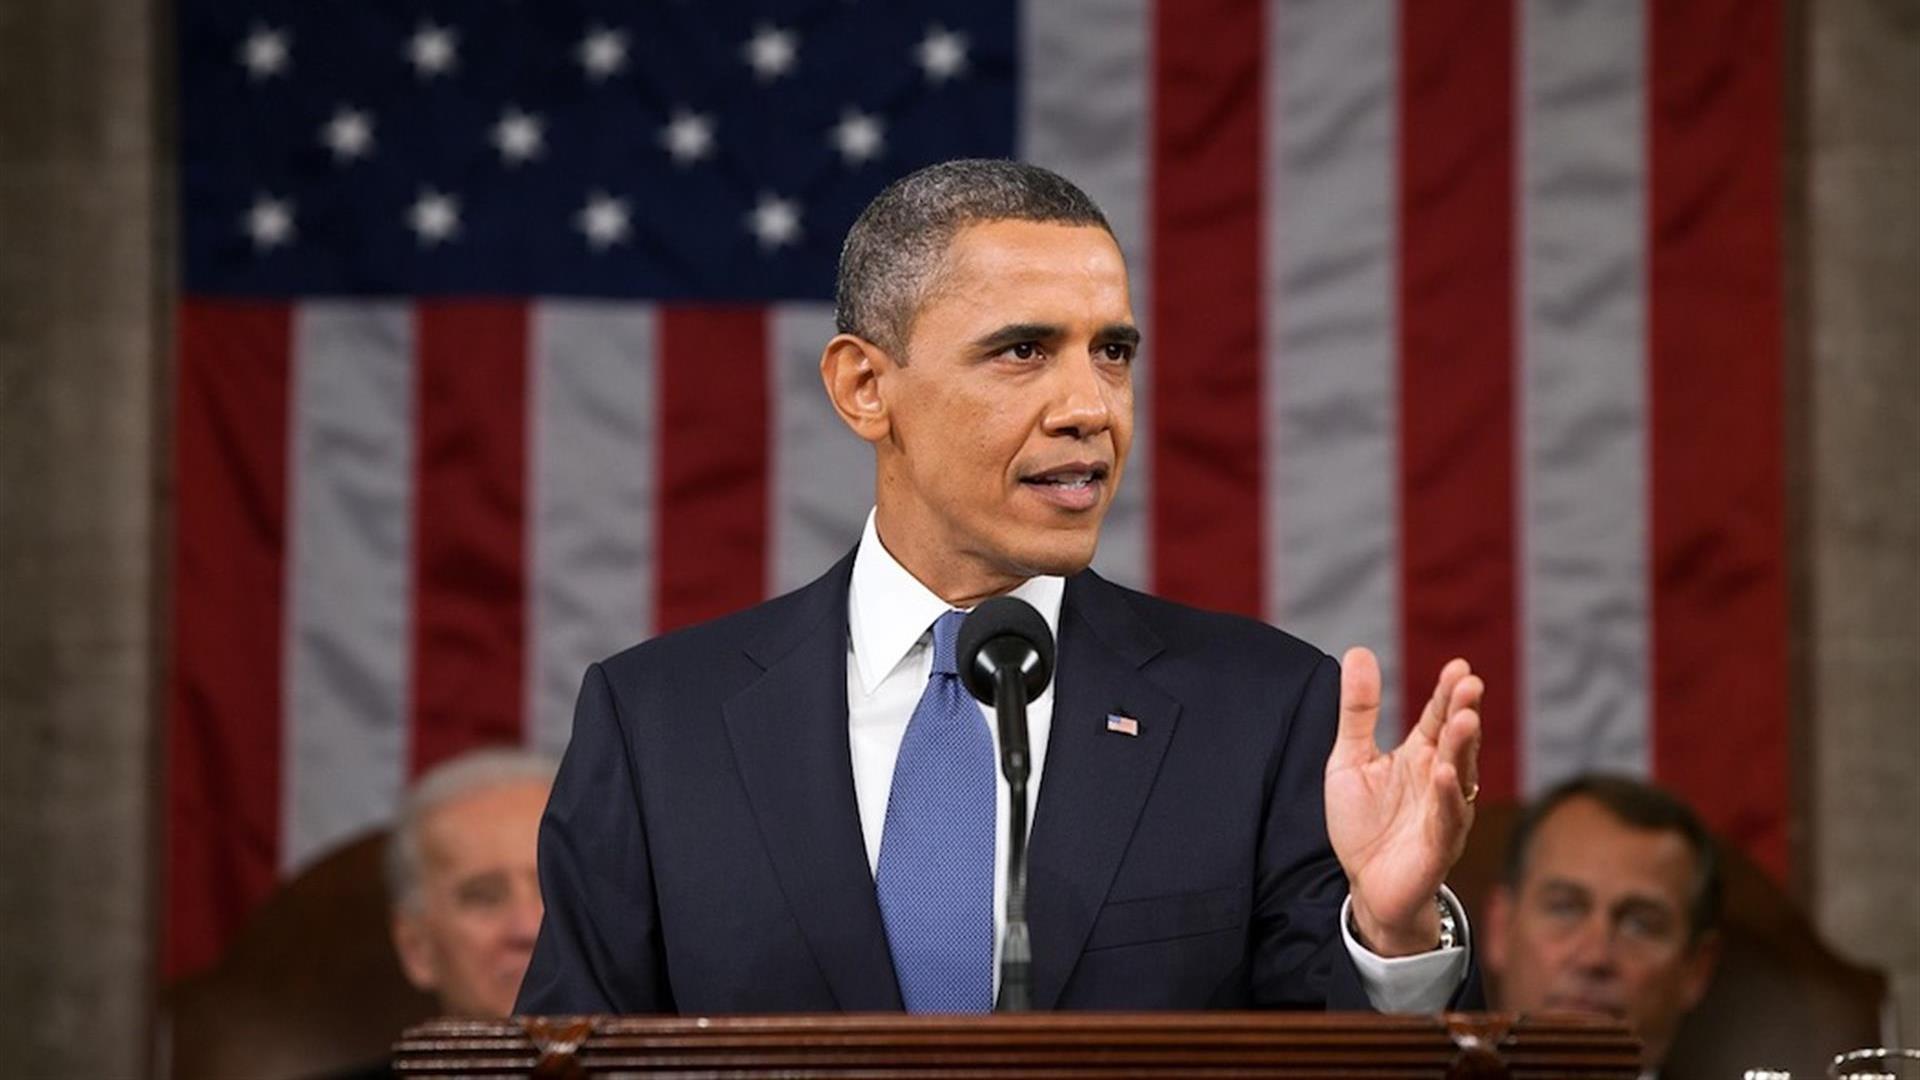 Barcack Obama